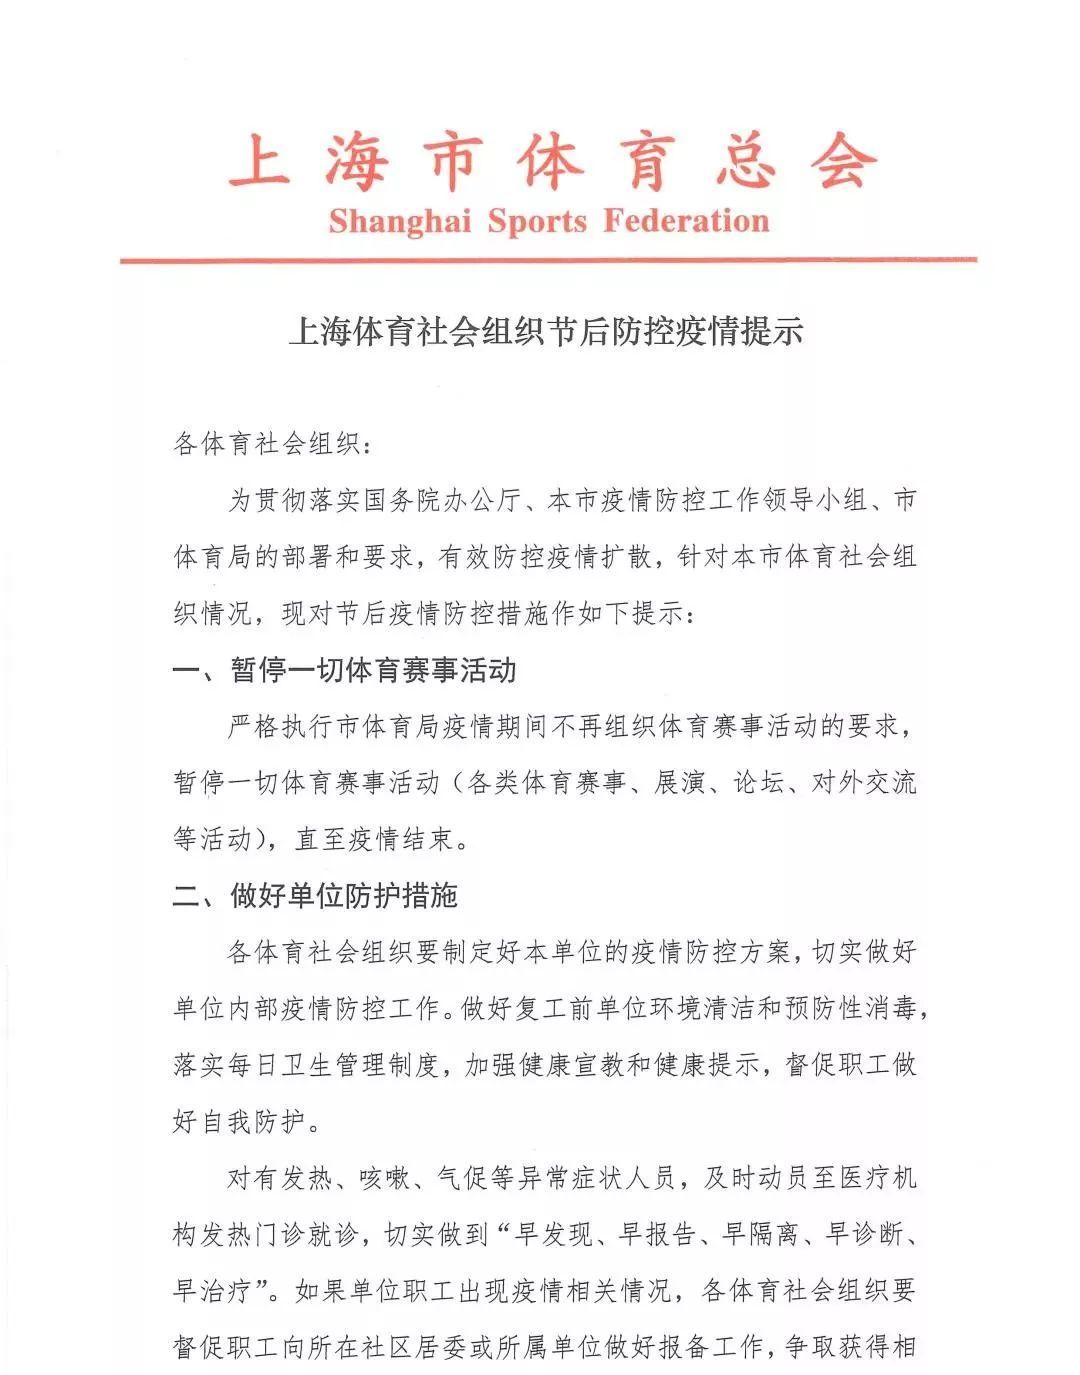 【热文】体总宣布暂停一切体育赛事活动上海武术院开放居家锻炼视频